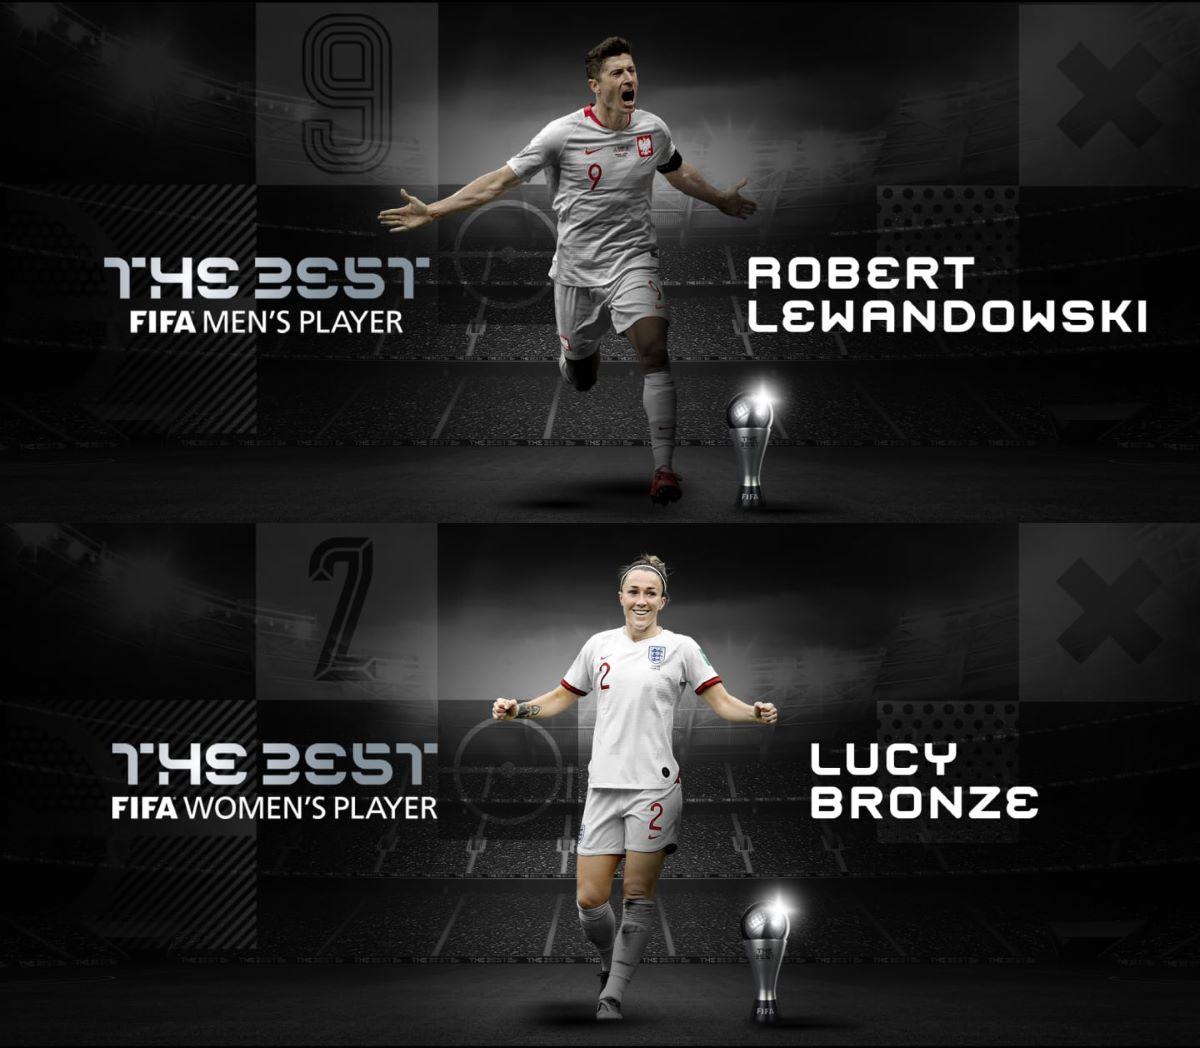 melhores jogadores de futebol